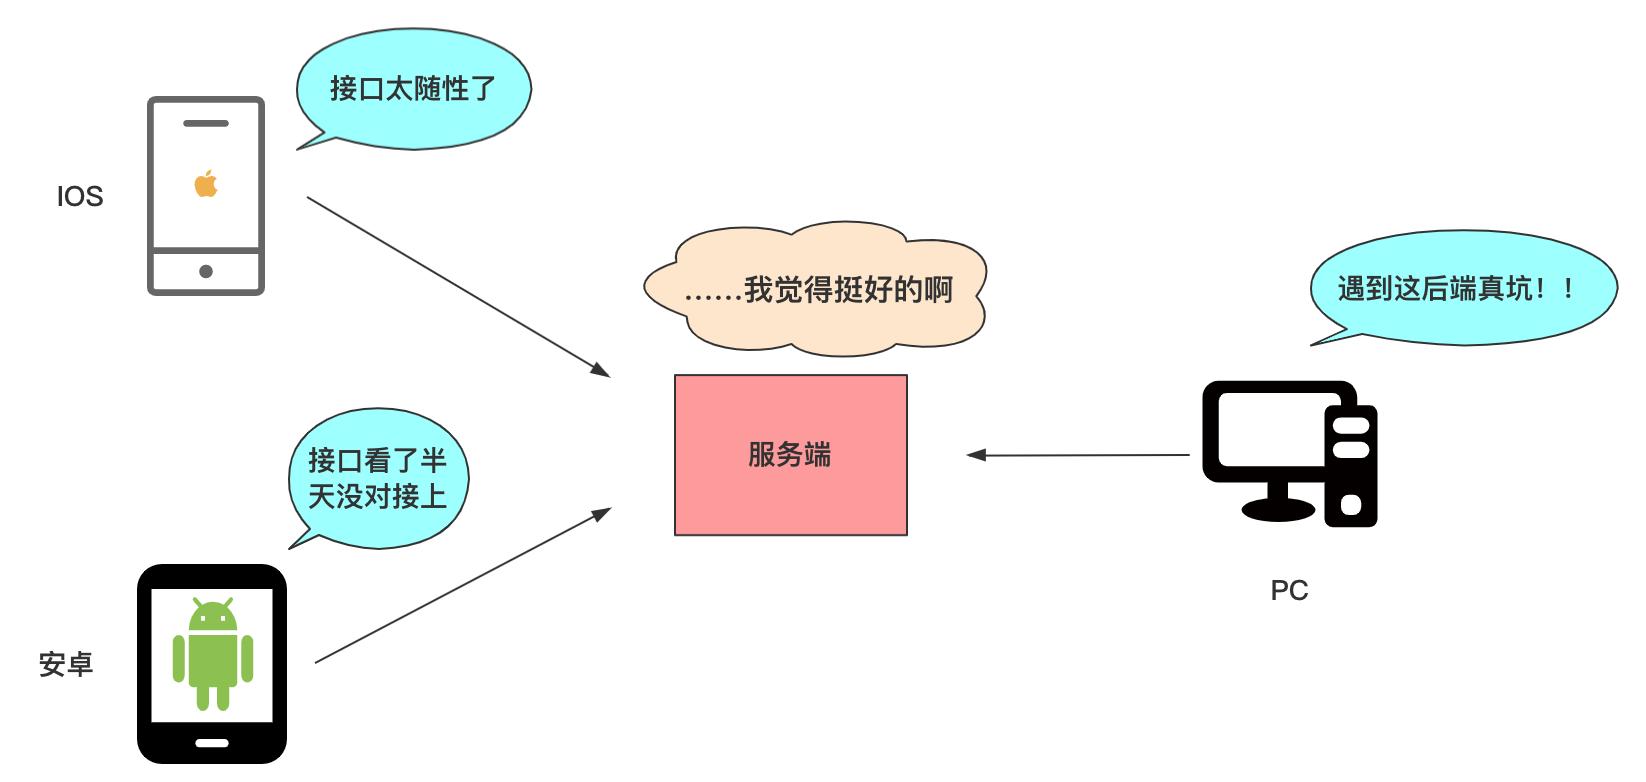 image-20201204001702612